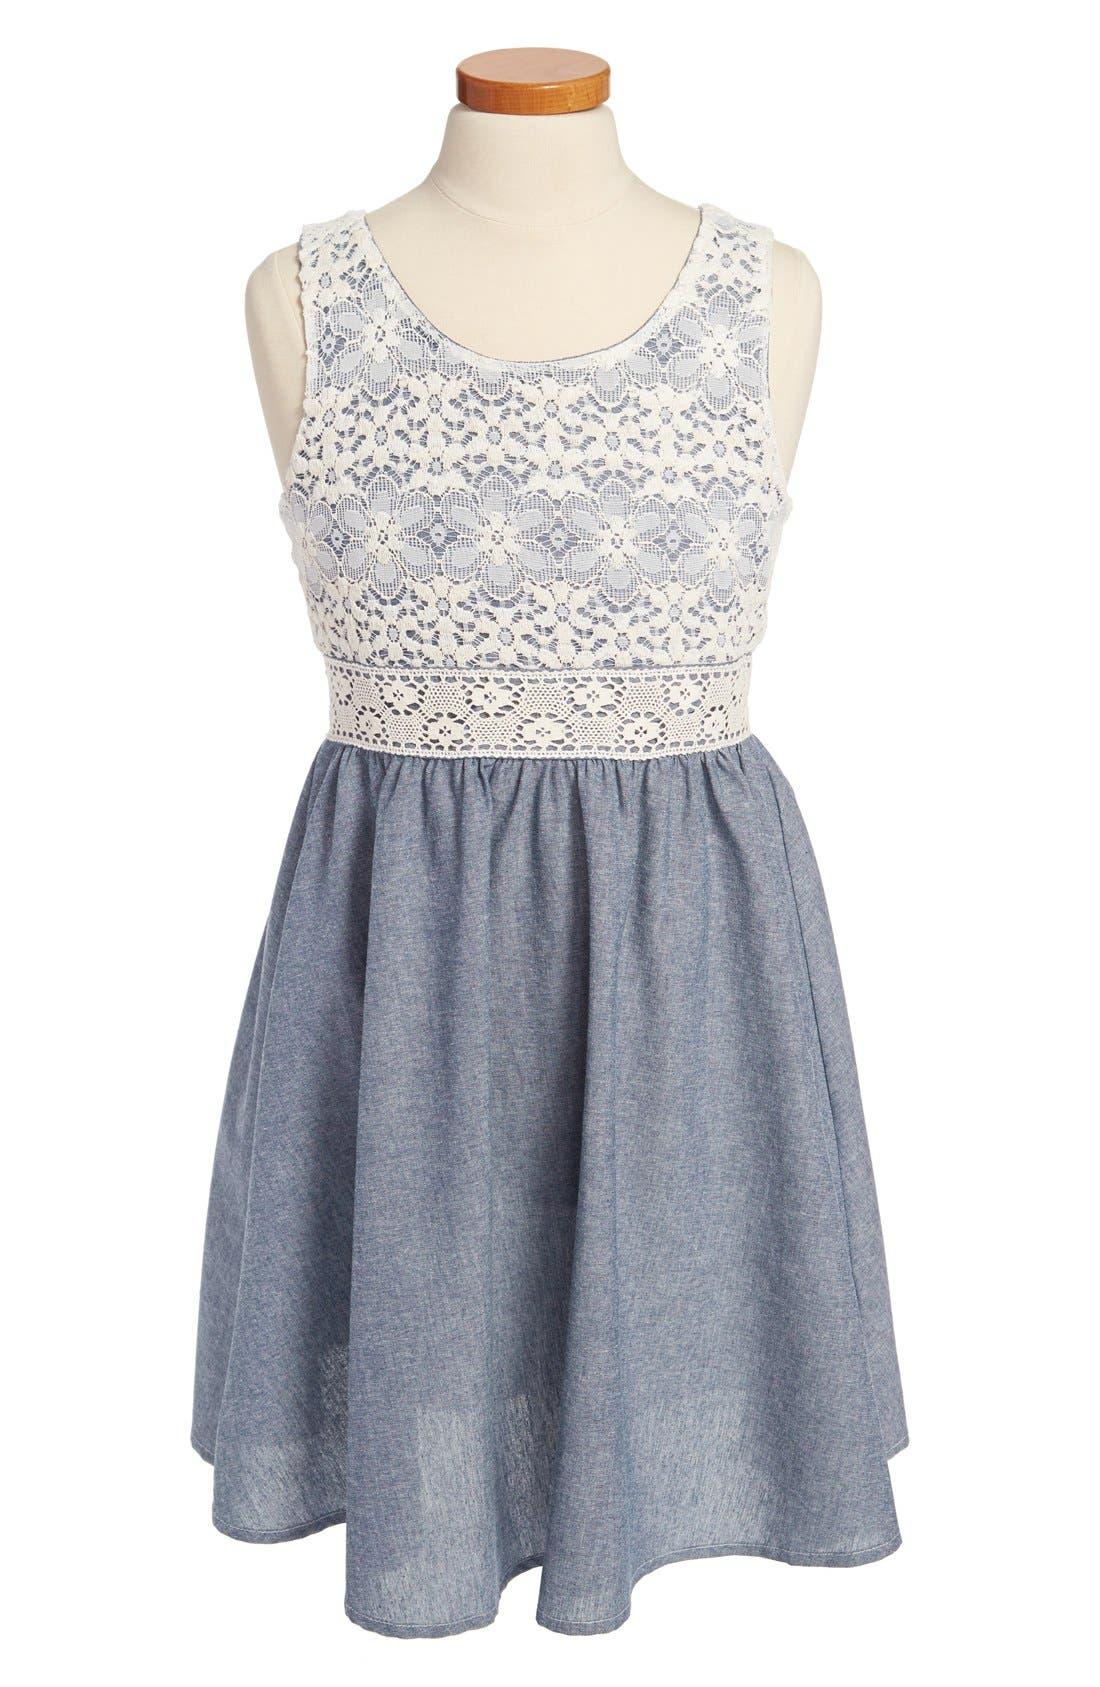 Main Image - Zunie Lace Chambray Dress (Big Girls)